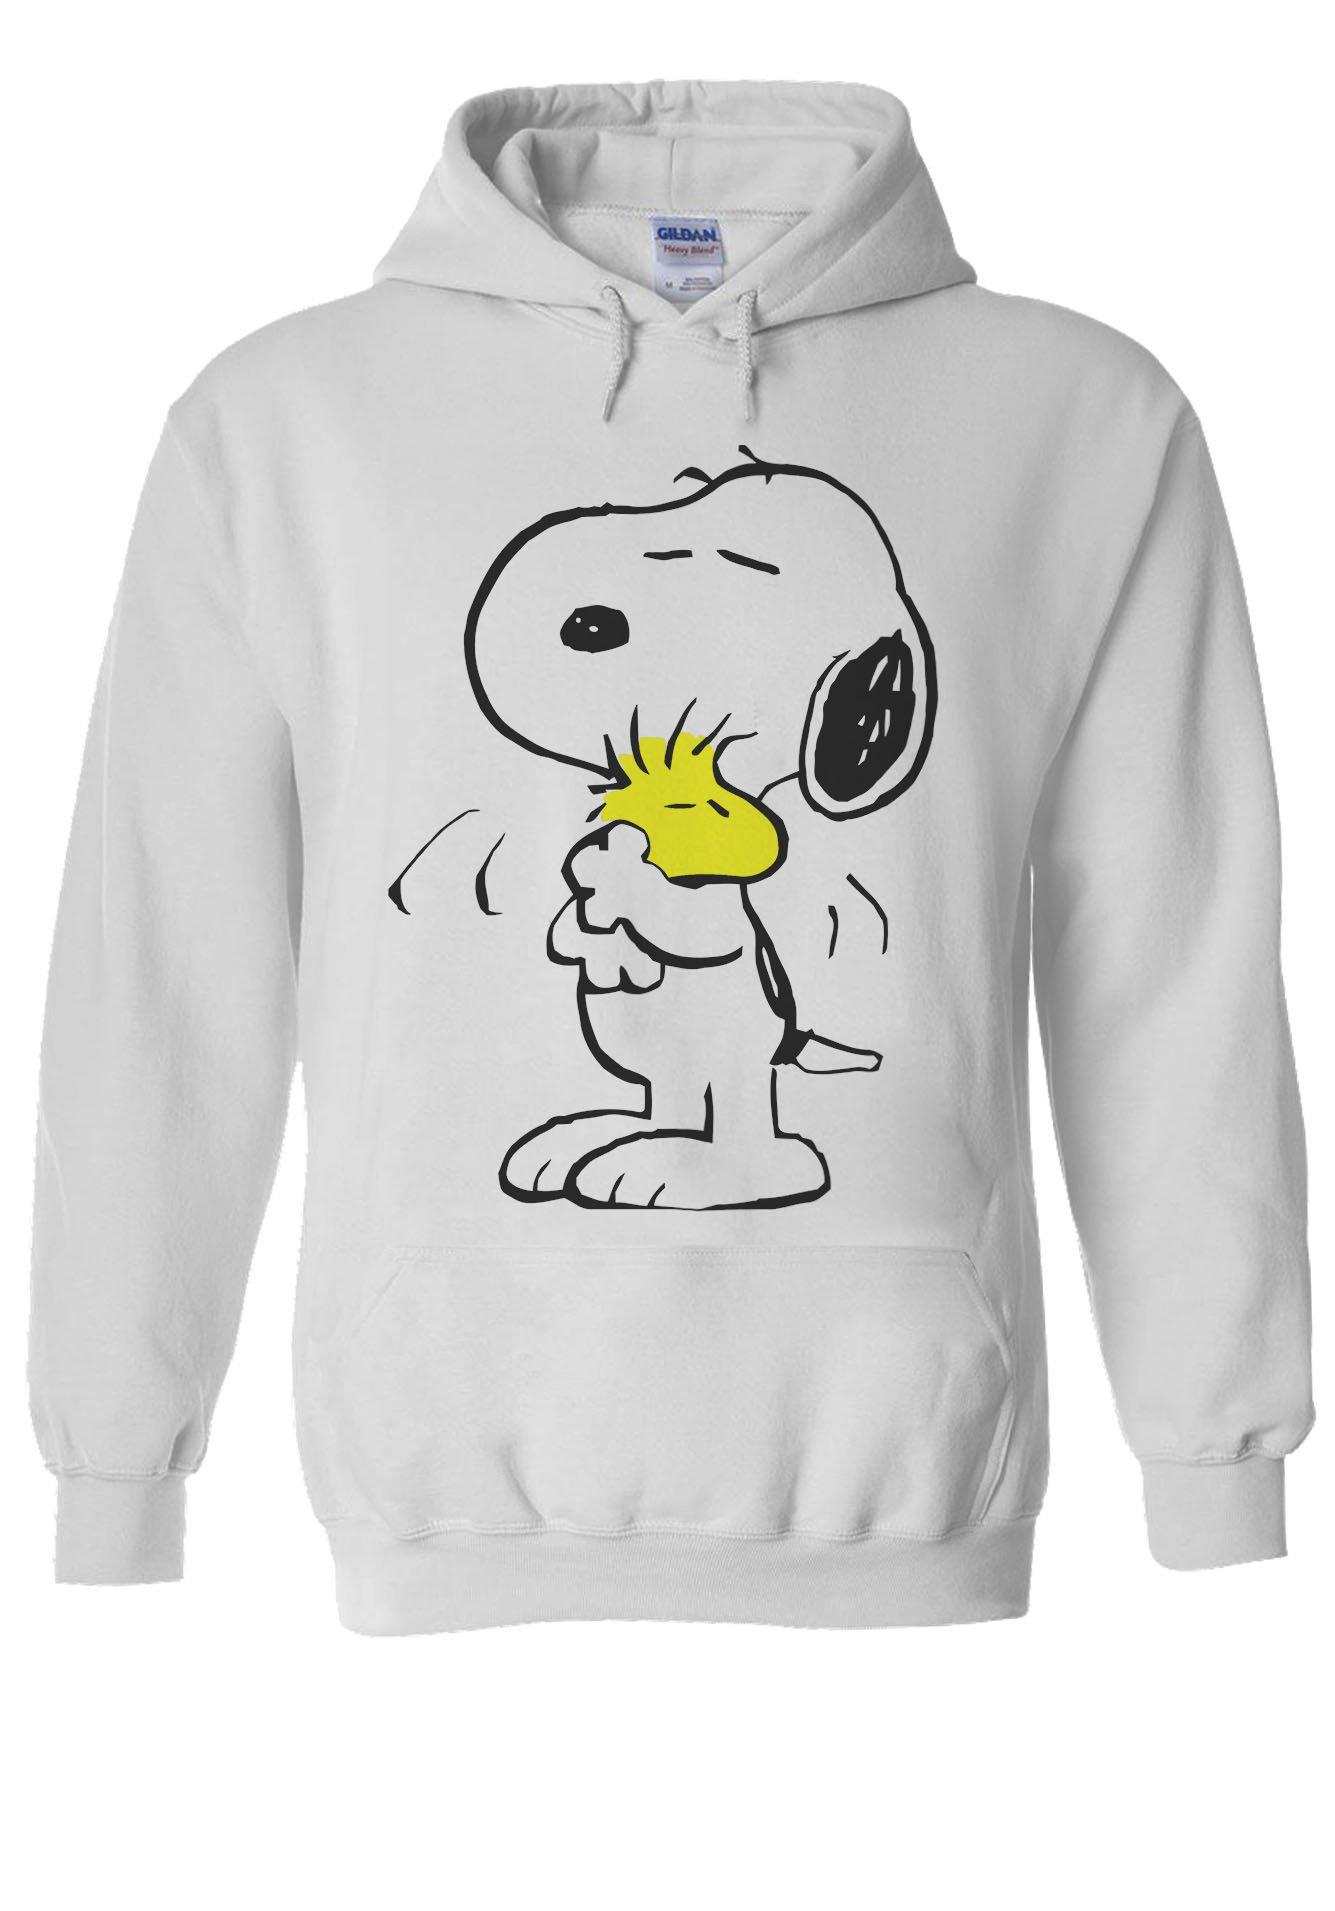 Snoopy PEANUTS Cartoon Happy Cute White Men Women Unisex Hooded Sweatshirt Hoodie